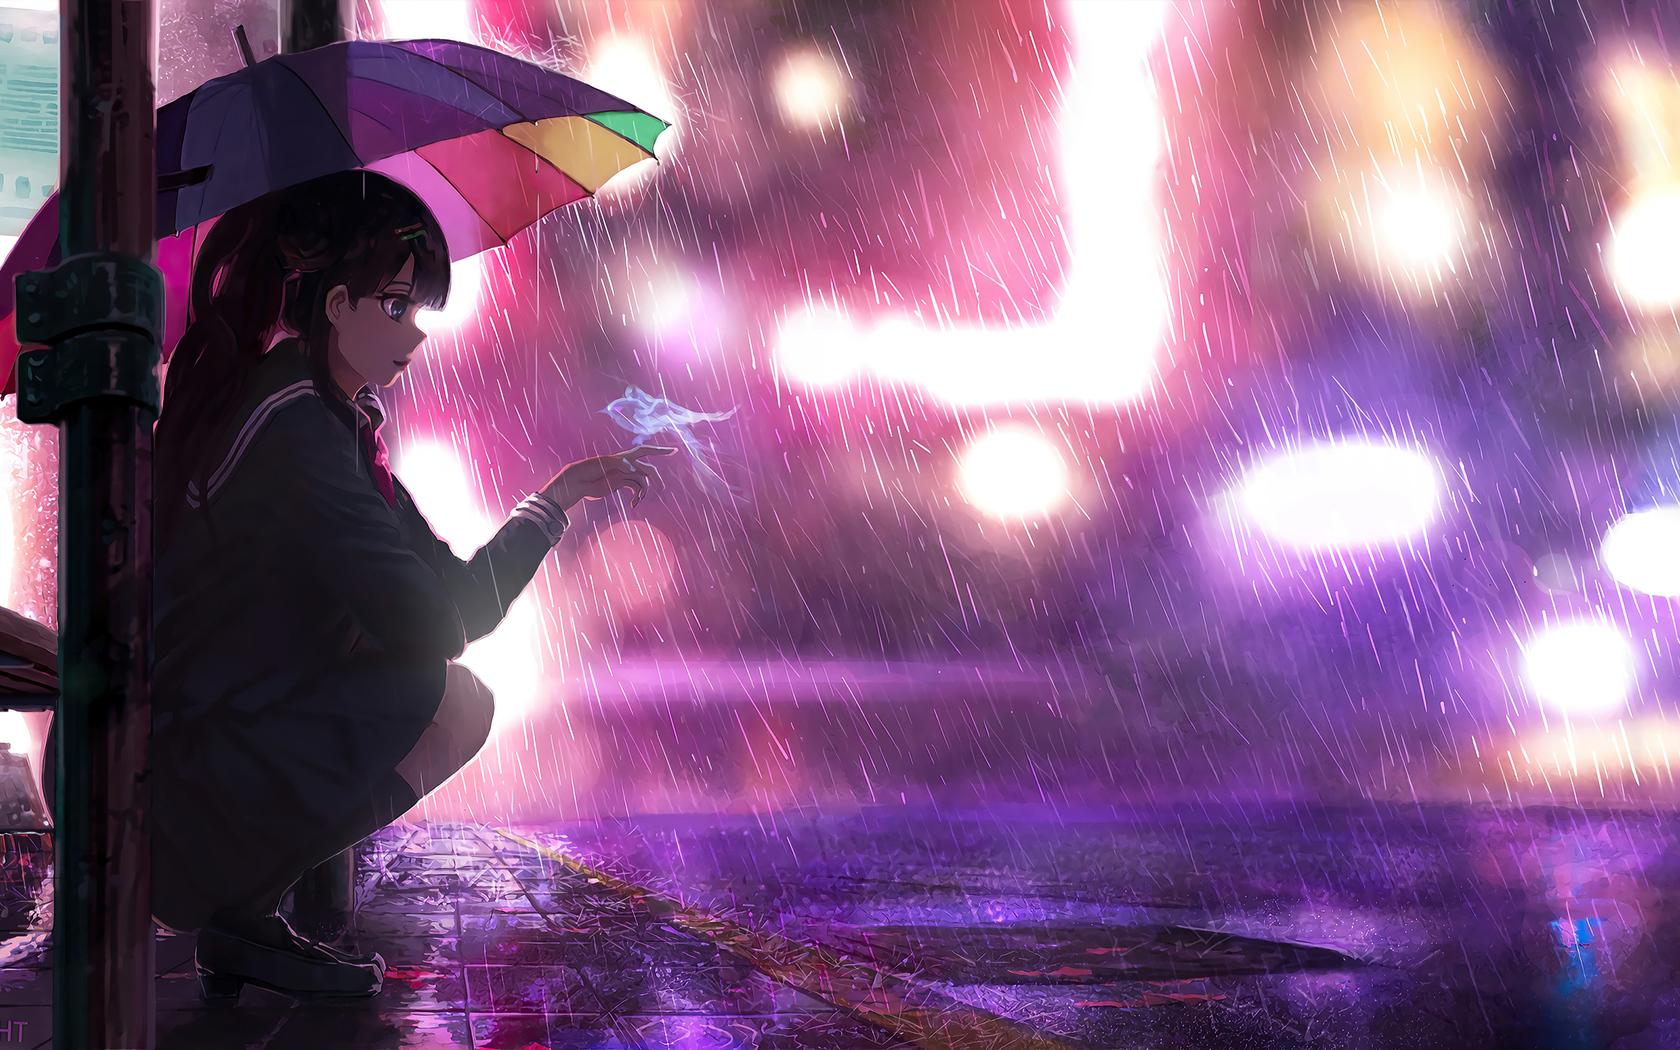 1680x1050 Umbrella Rain Anime Girl 4k ...